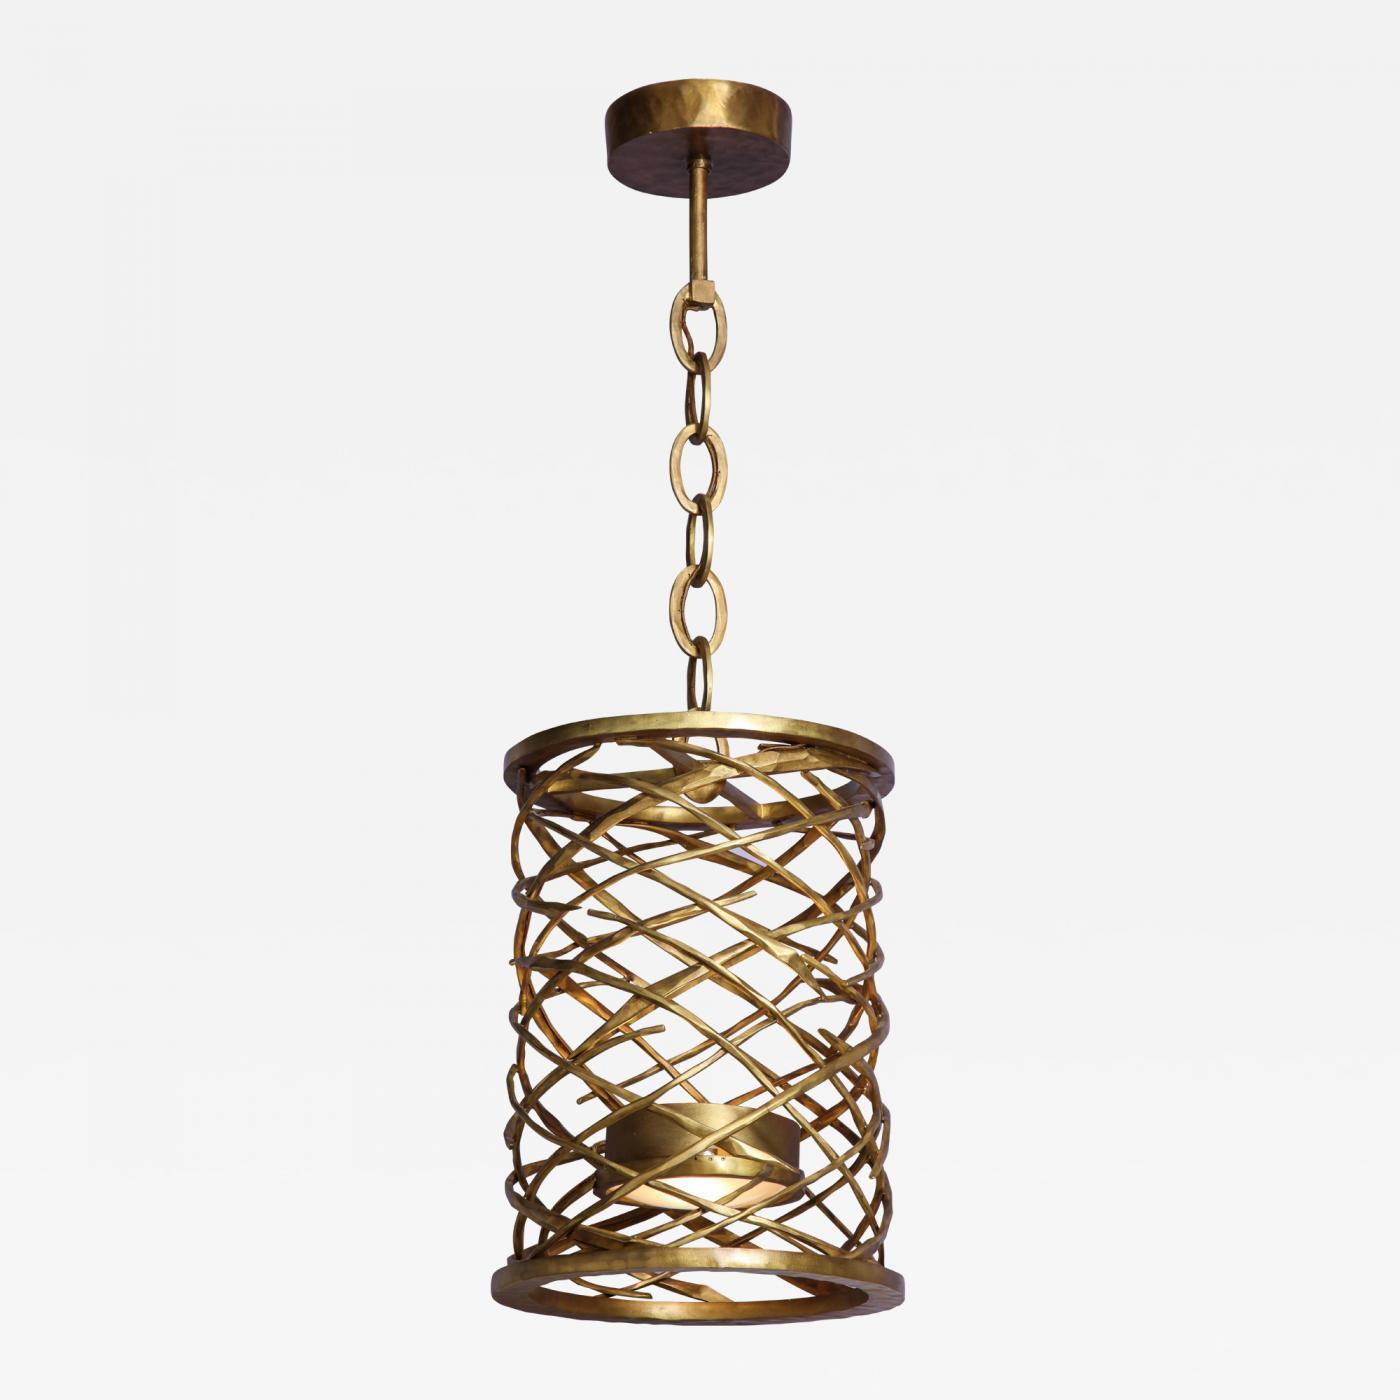 herv van der straeten lustre toubillon 285. Black Bedroom Furniture Sets. Home Design Ideas